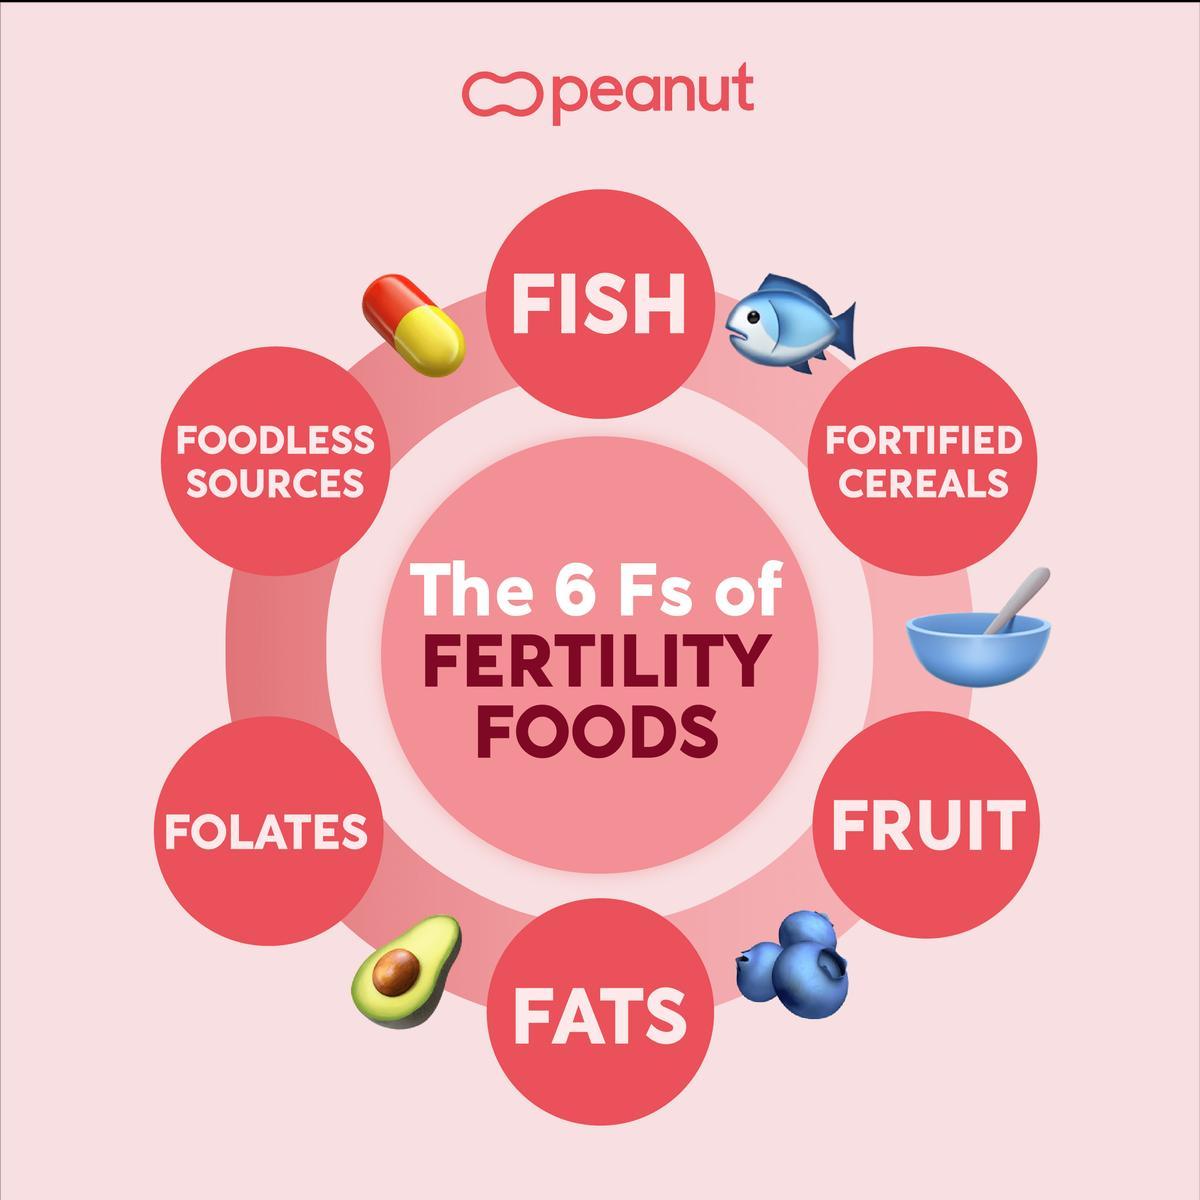 6 Fertility Foods